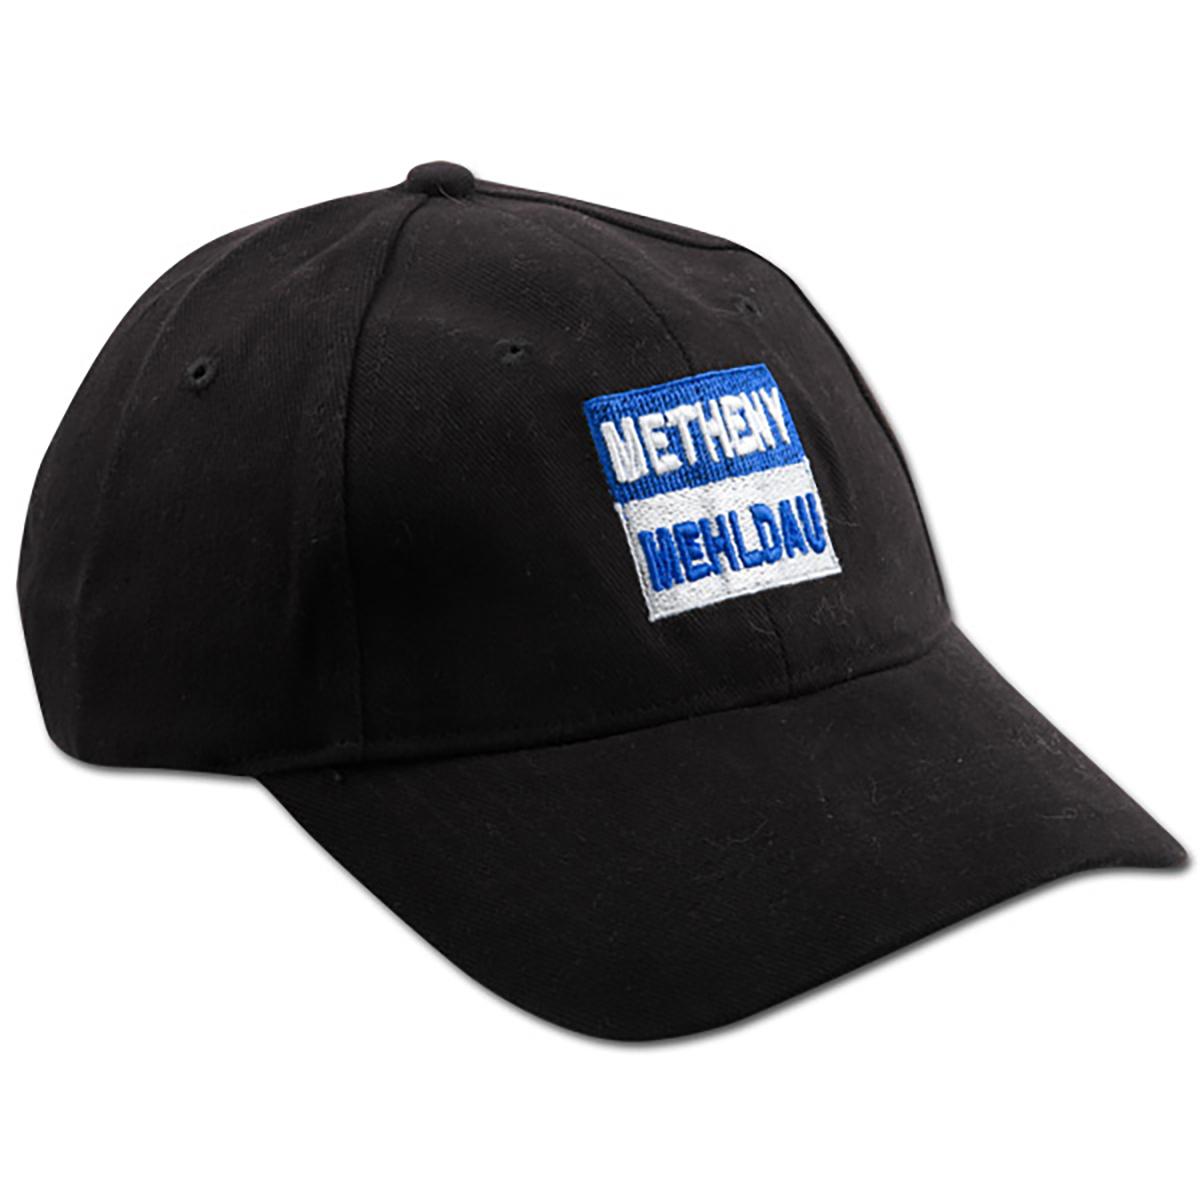 Black Metheny Mehldau Hat